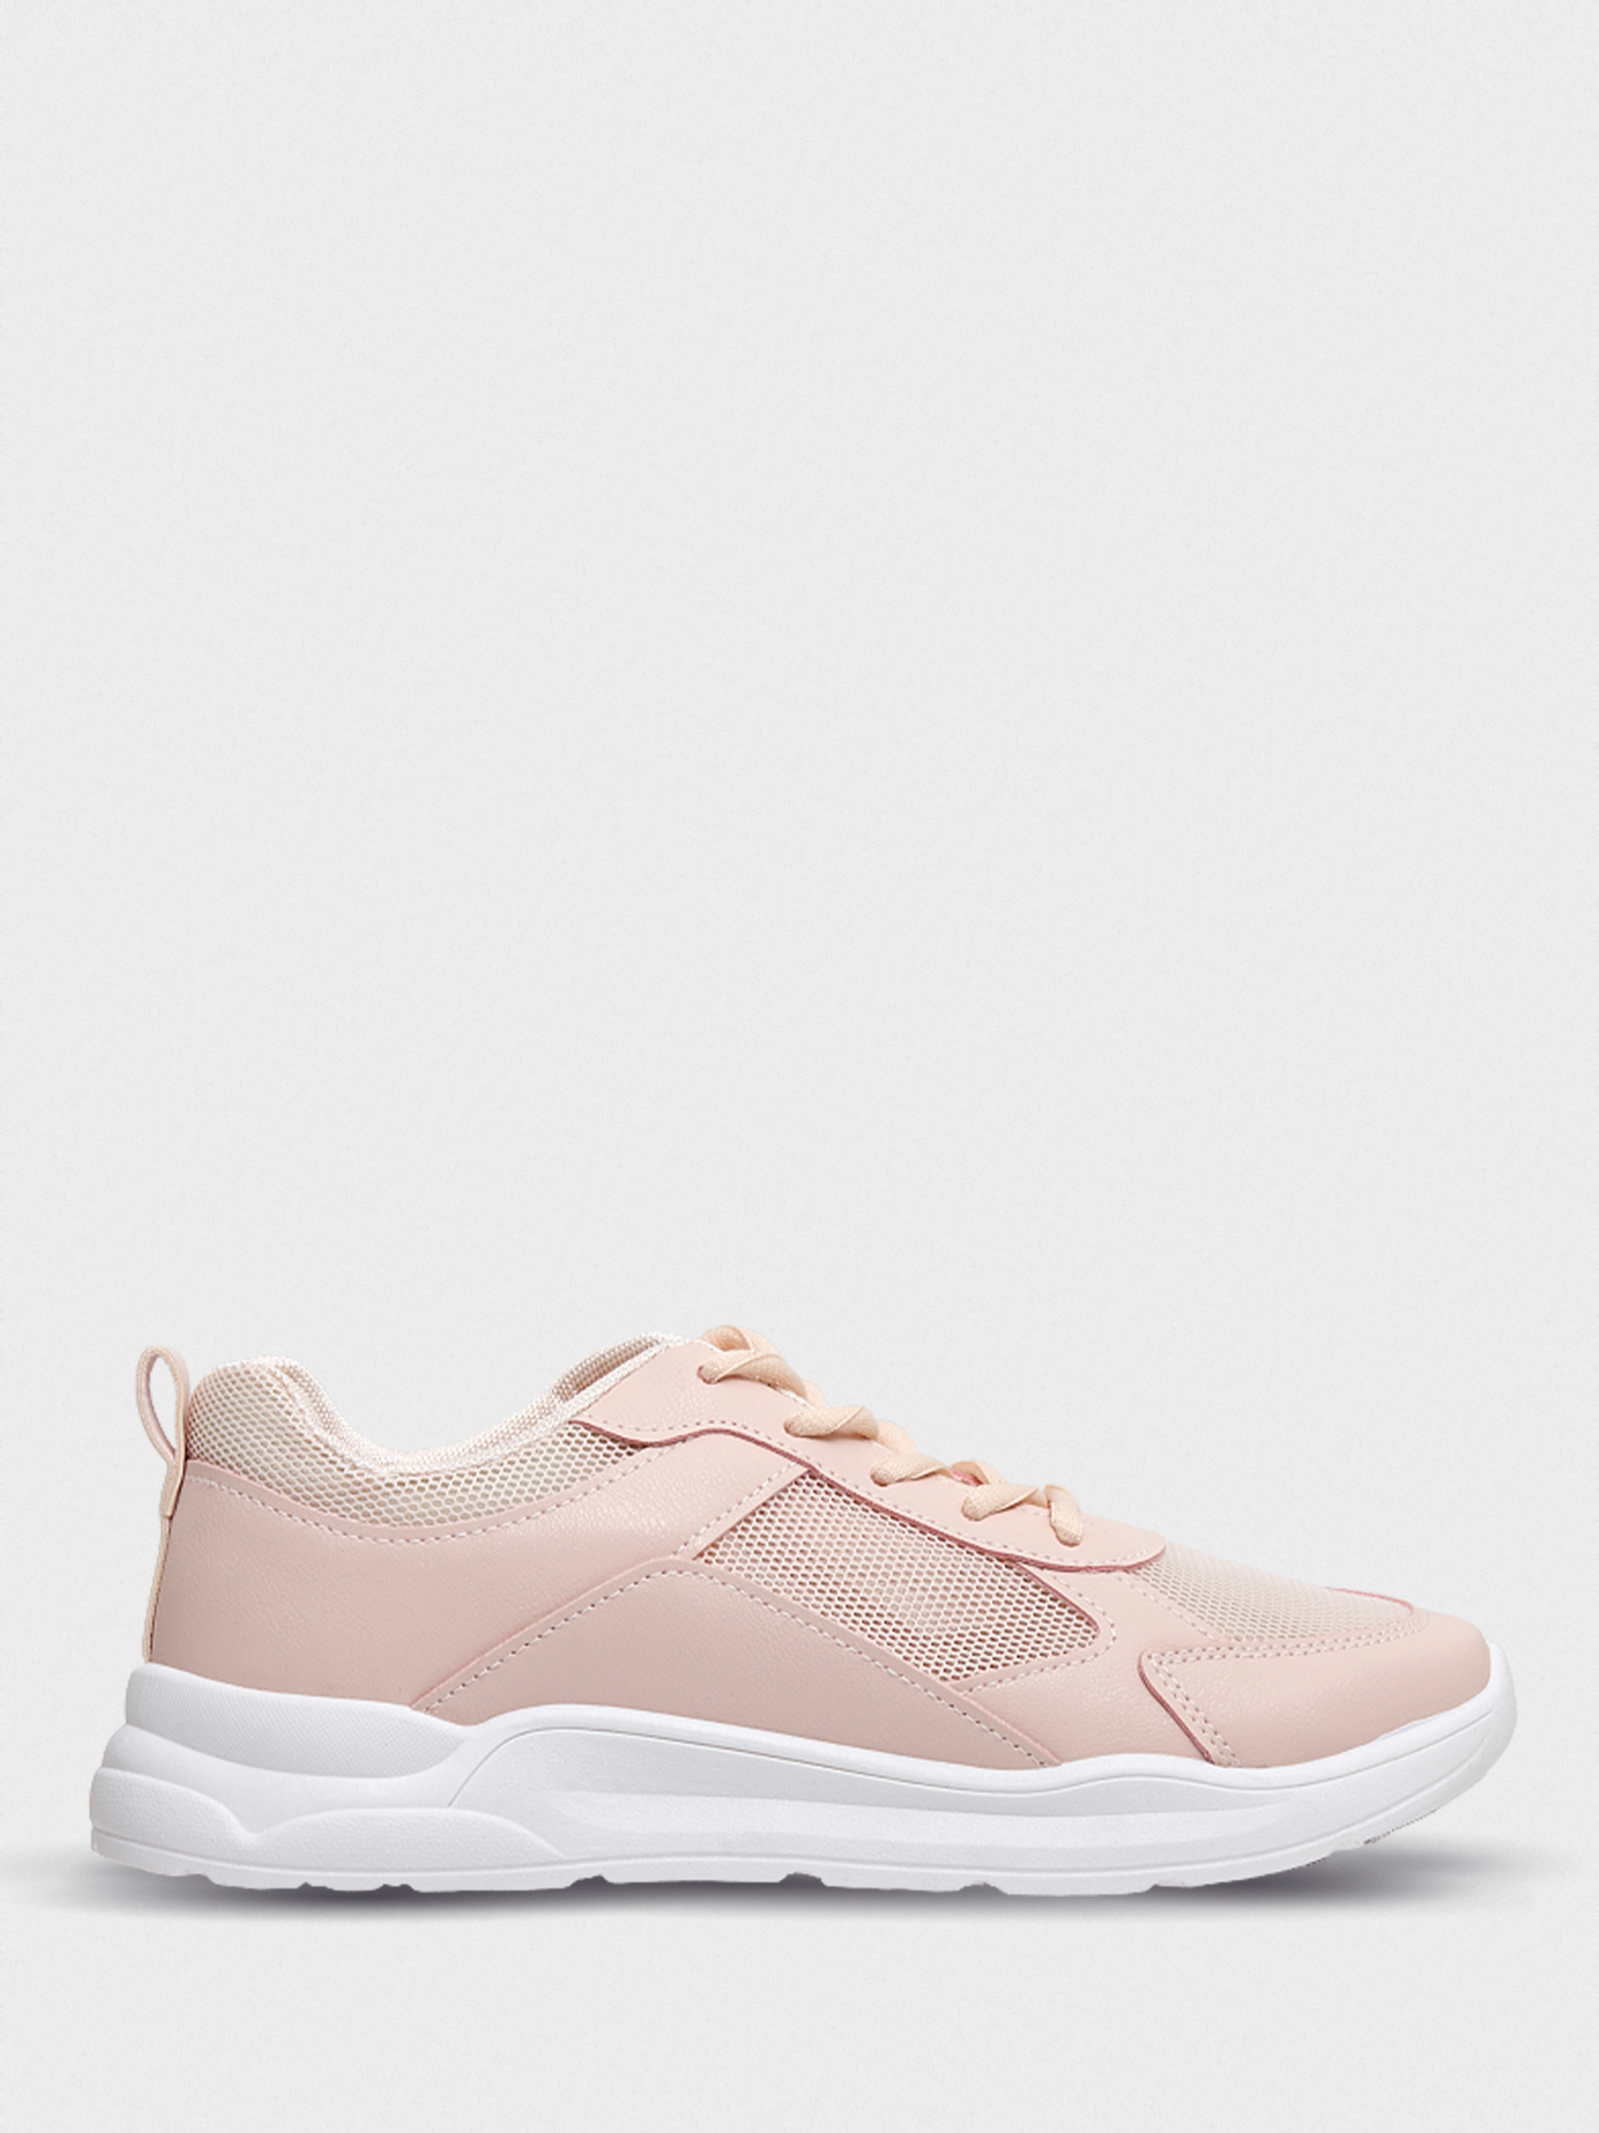 Кроссовки для женщин Crosby 407173/01-05 купить обувь, 2017